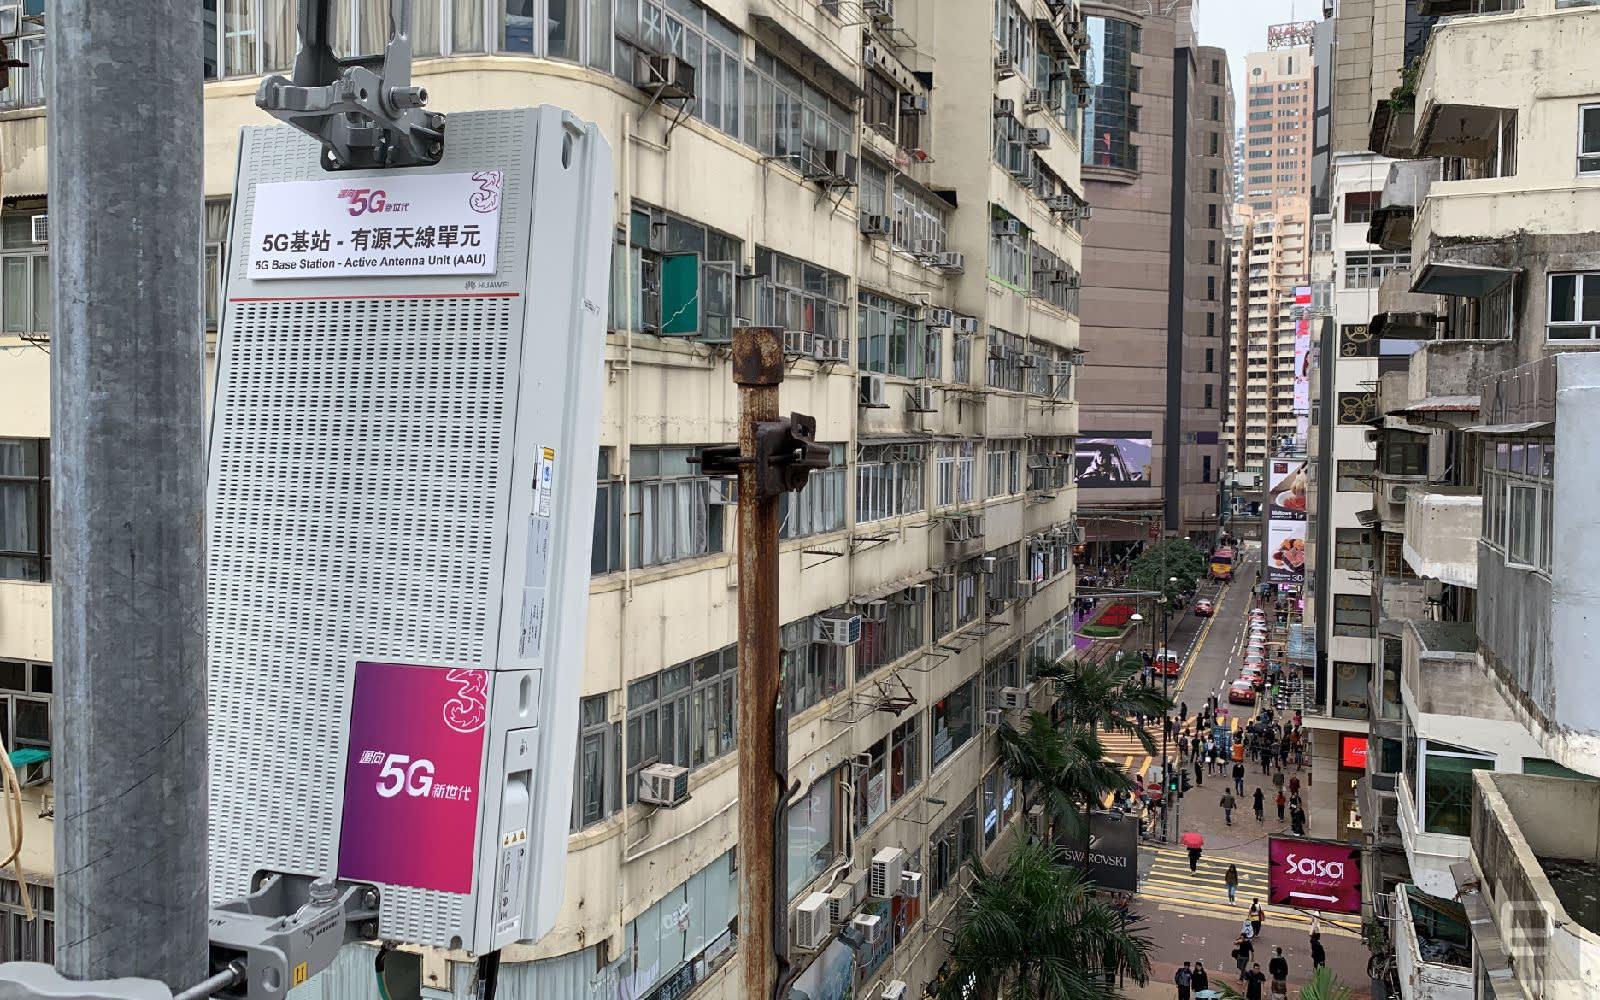 3HK 5G base station